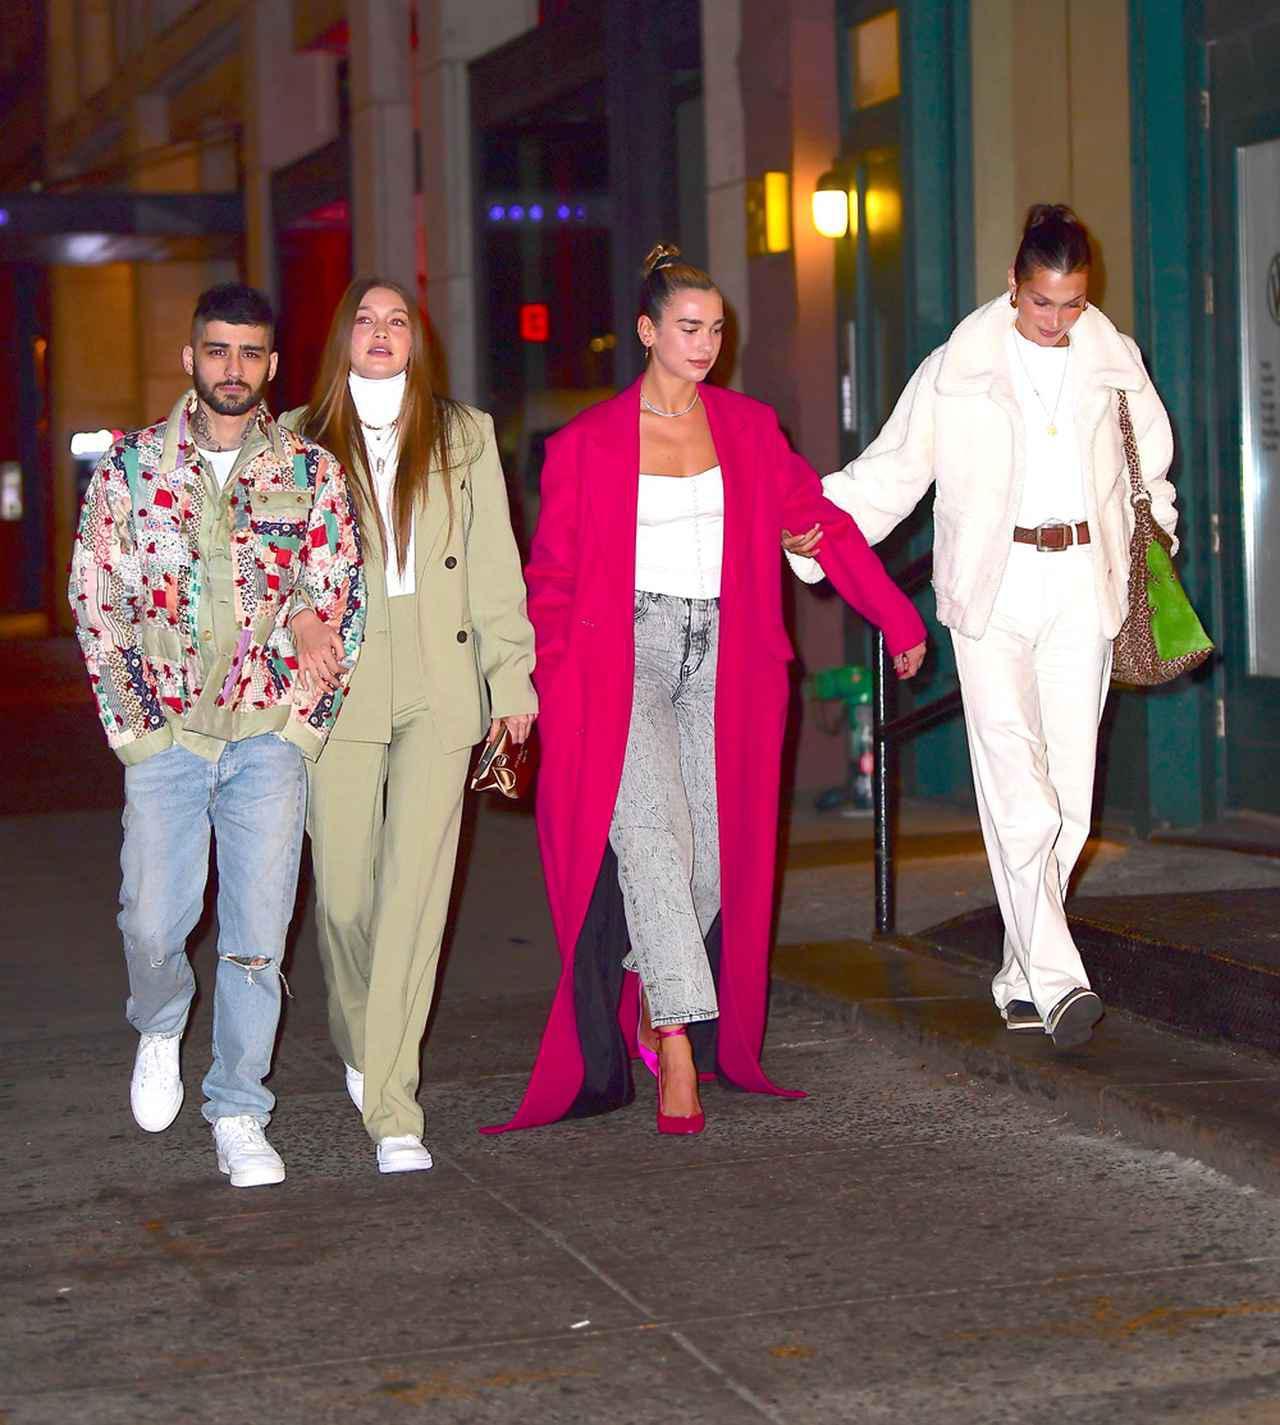 画像: 左からゼイン・マリク、ジジ・ハディッド、デュア・リパ、ベラ・ハディッド。